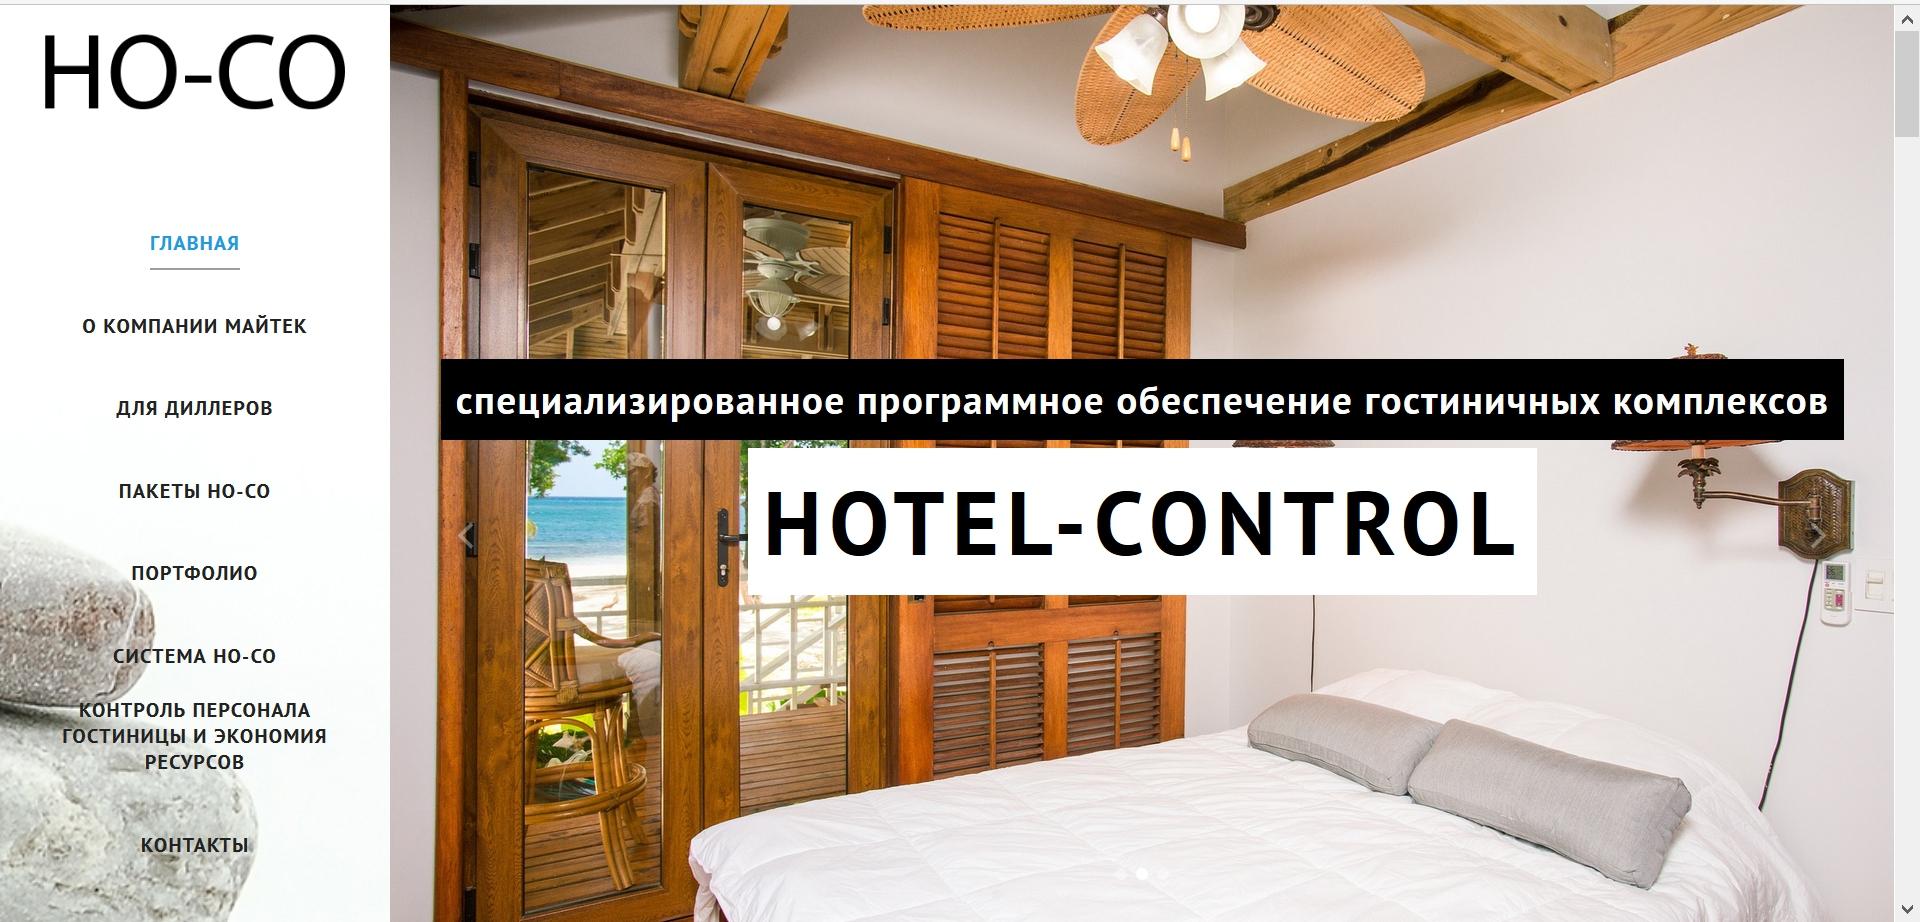 Проект ho-co – Программное обеспечение для гостиниц